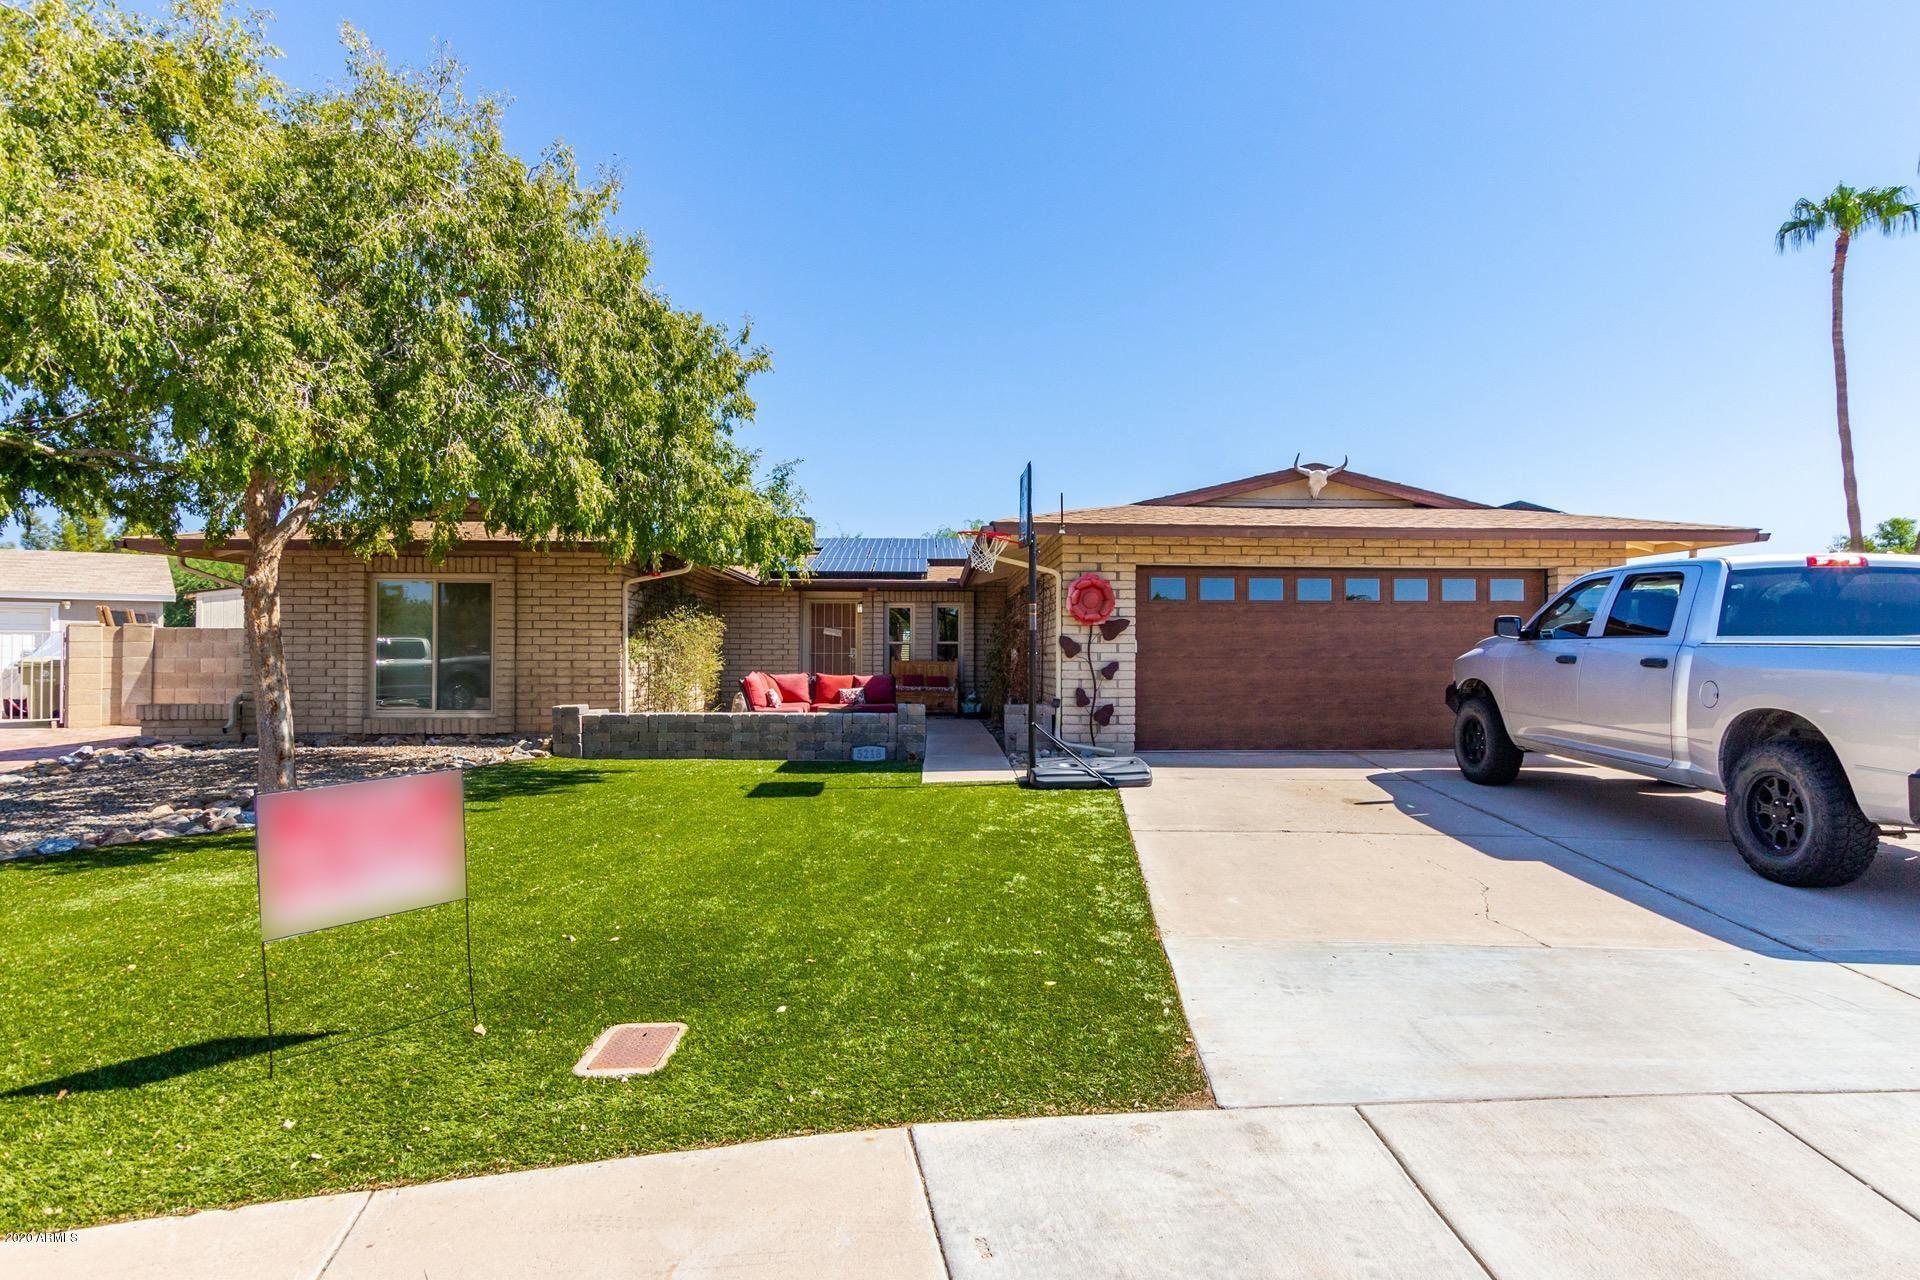 5218 W AIRE LIBRE Avenue, Glendale, AZ 85306 - MLS#: 6127566